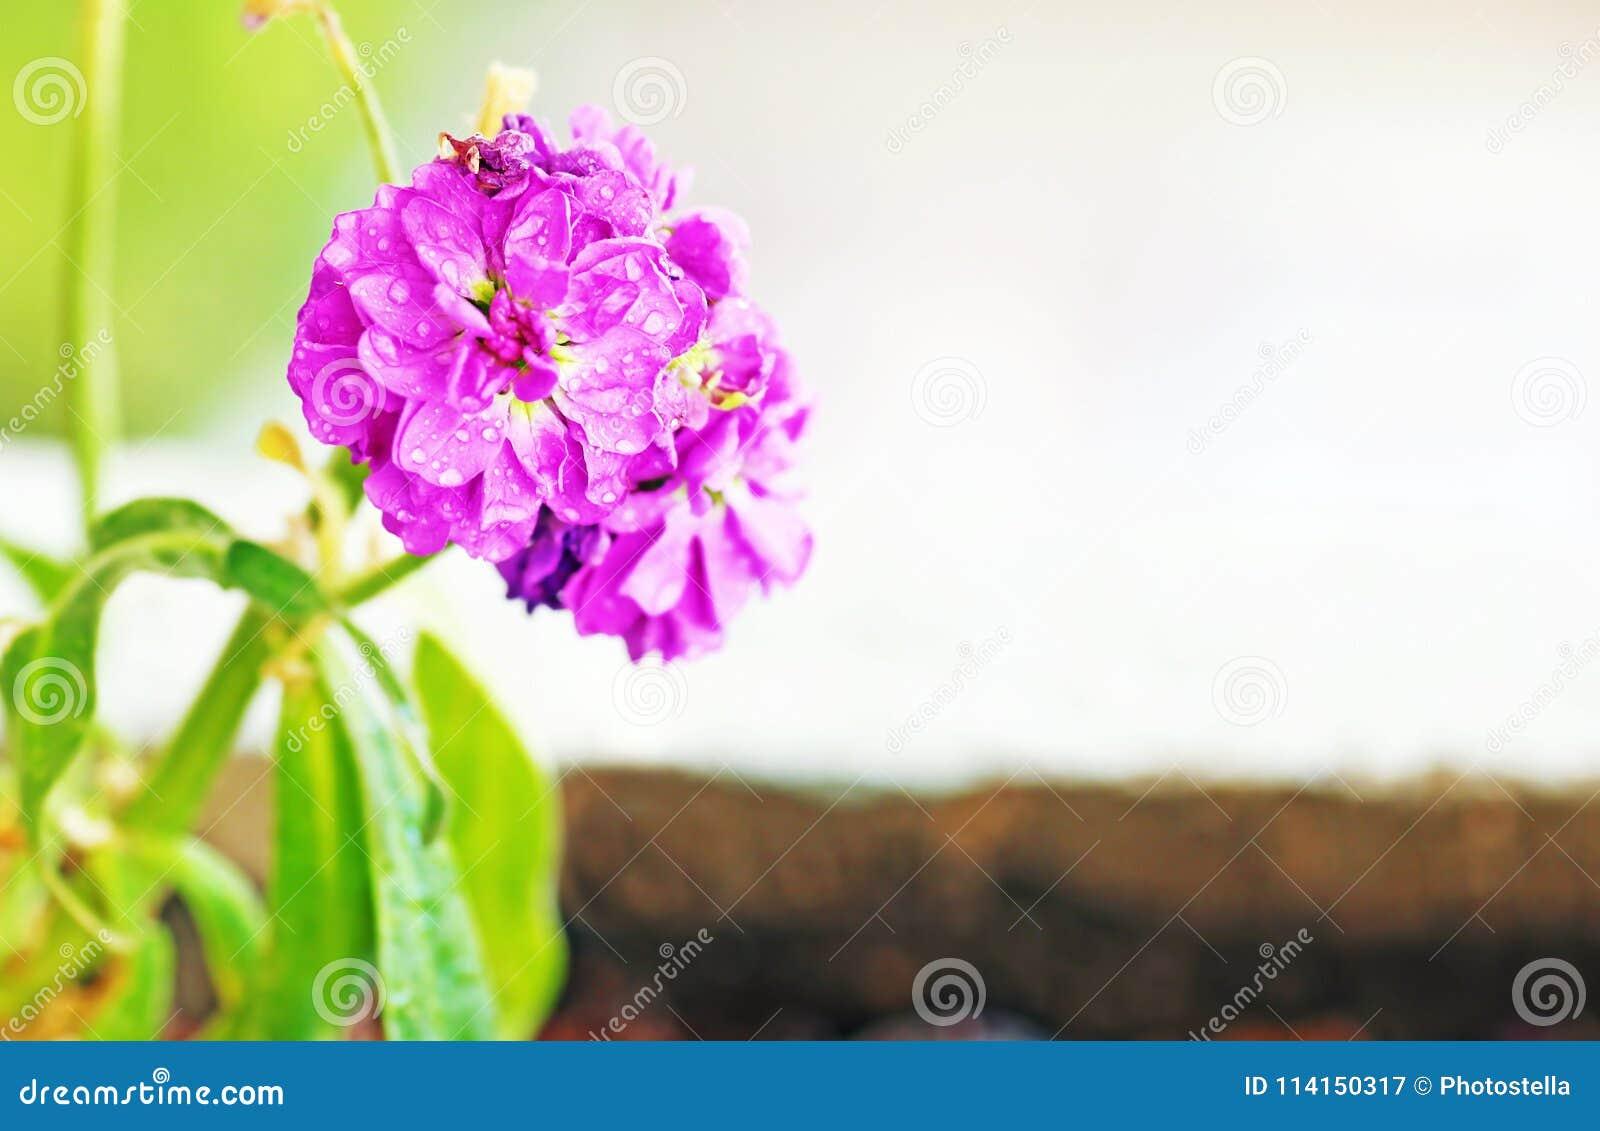 与雨珠-接近的花的开花的湿紫色花-春天自然